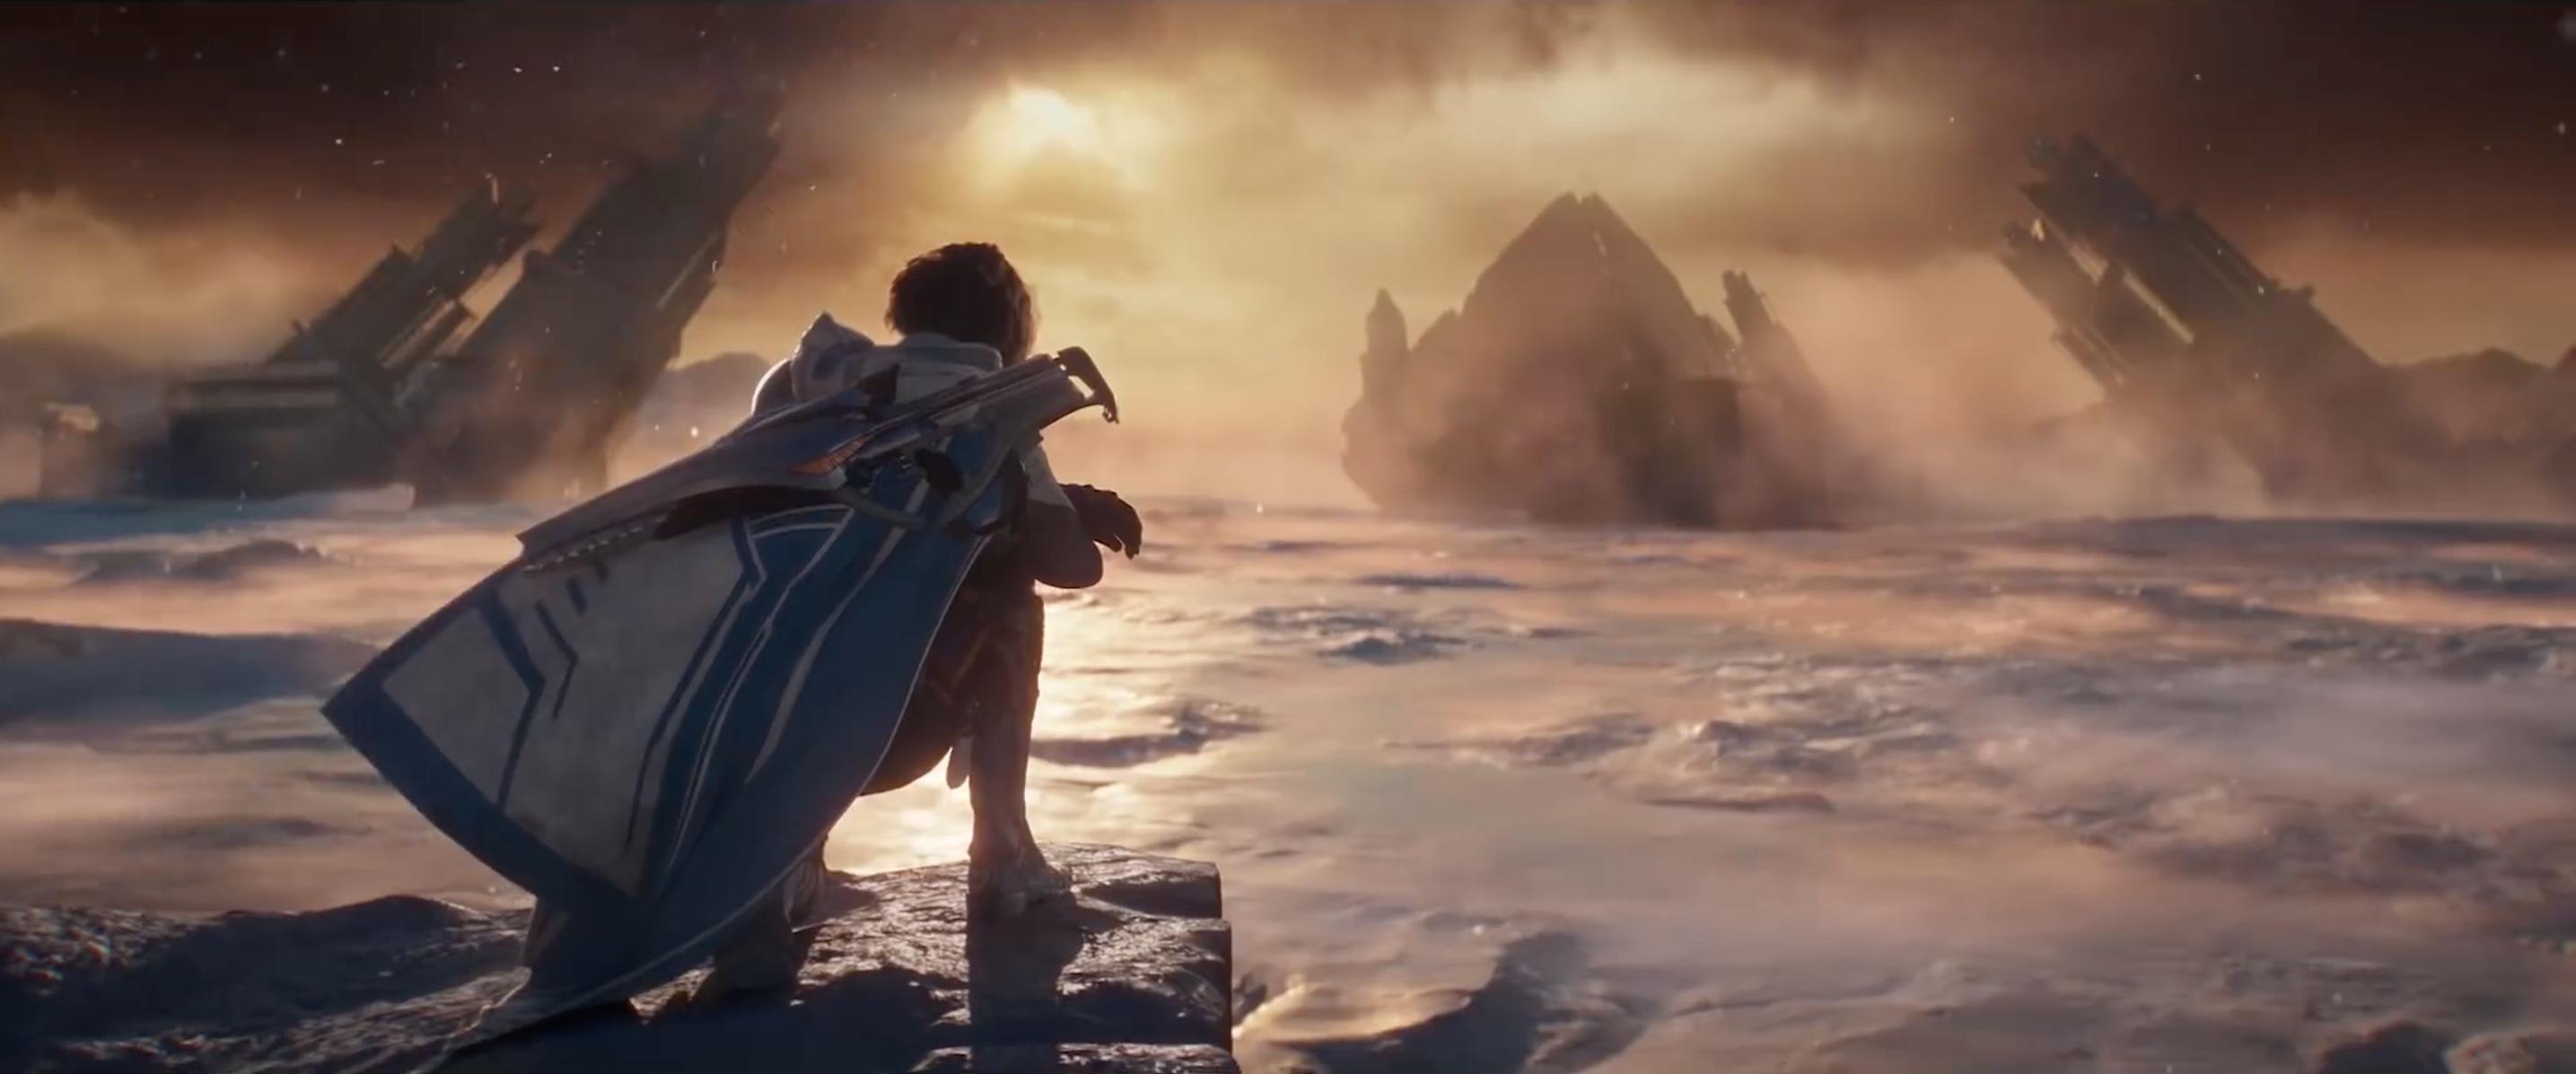 Destiny 2: So kommt Ihr an Override-Frequenzen für die Sleeper Nodes